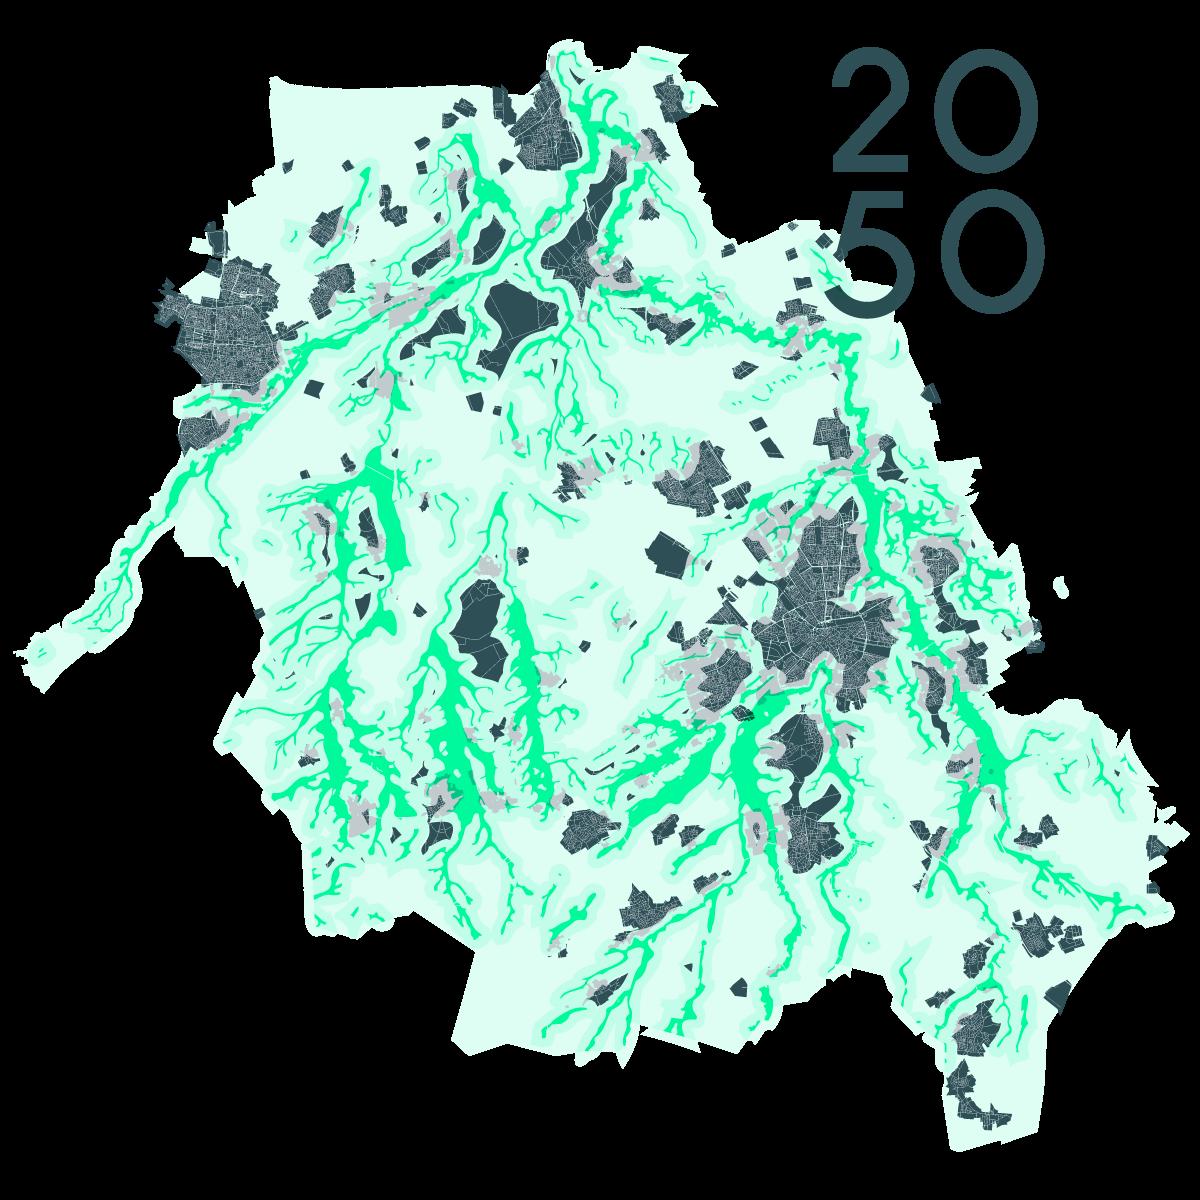 sloopkogel-2050